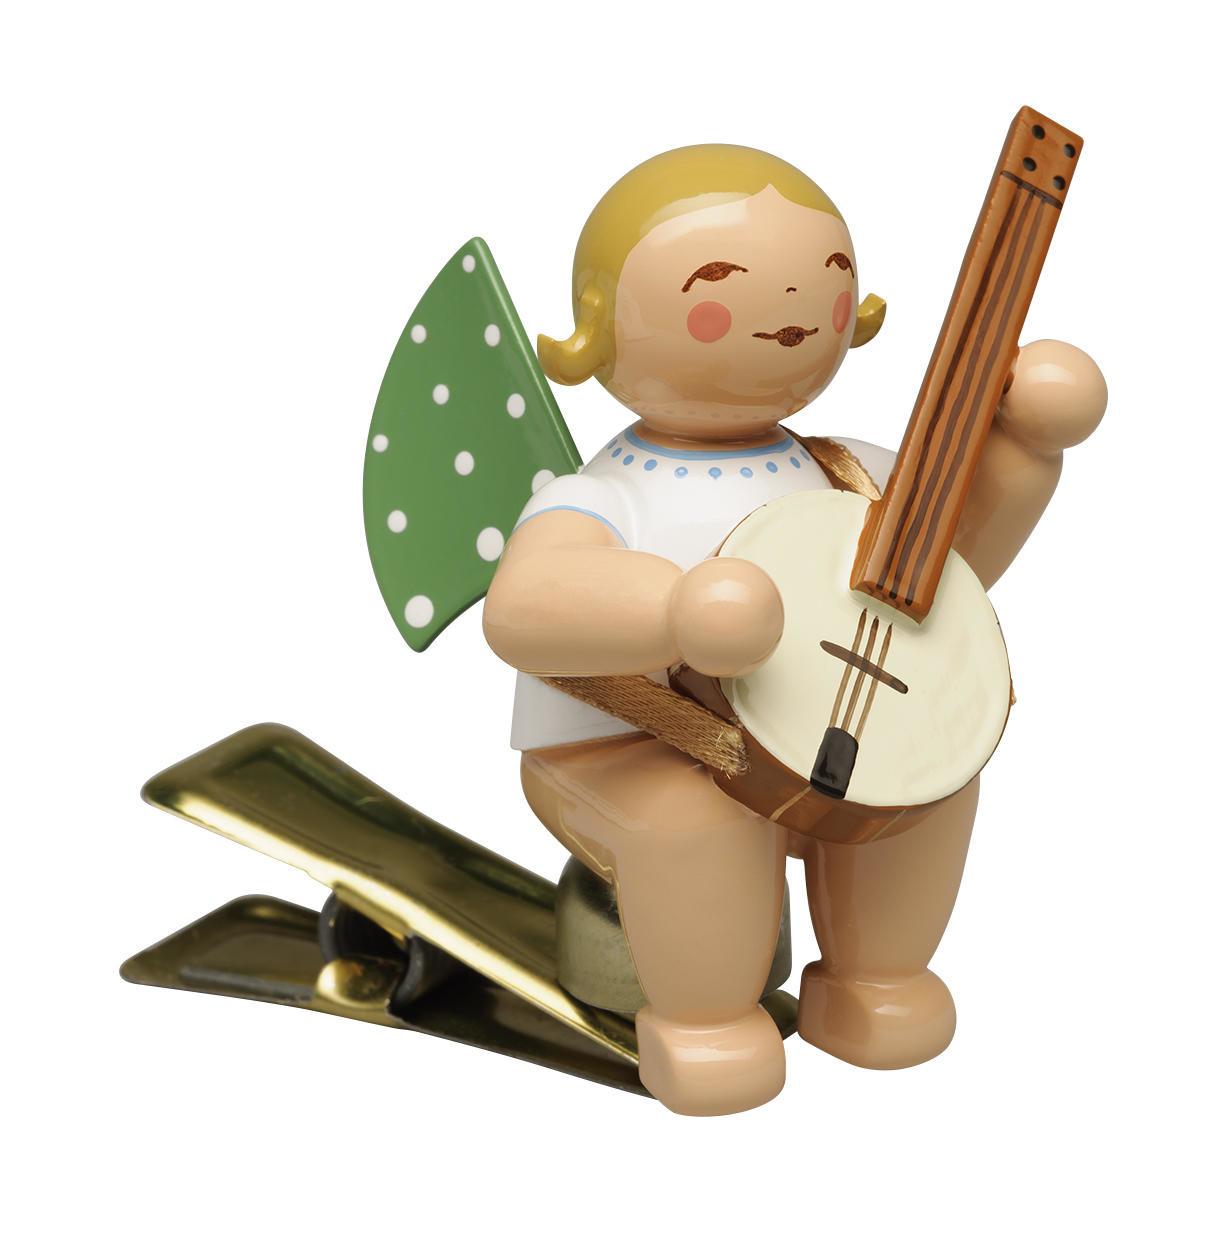 Engel met banjo - knijper (blond)